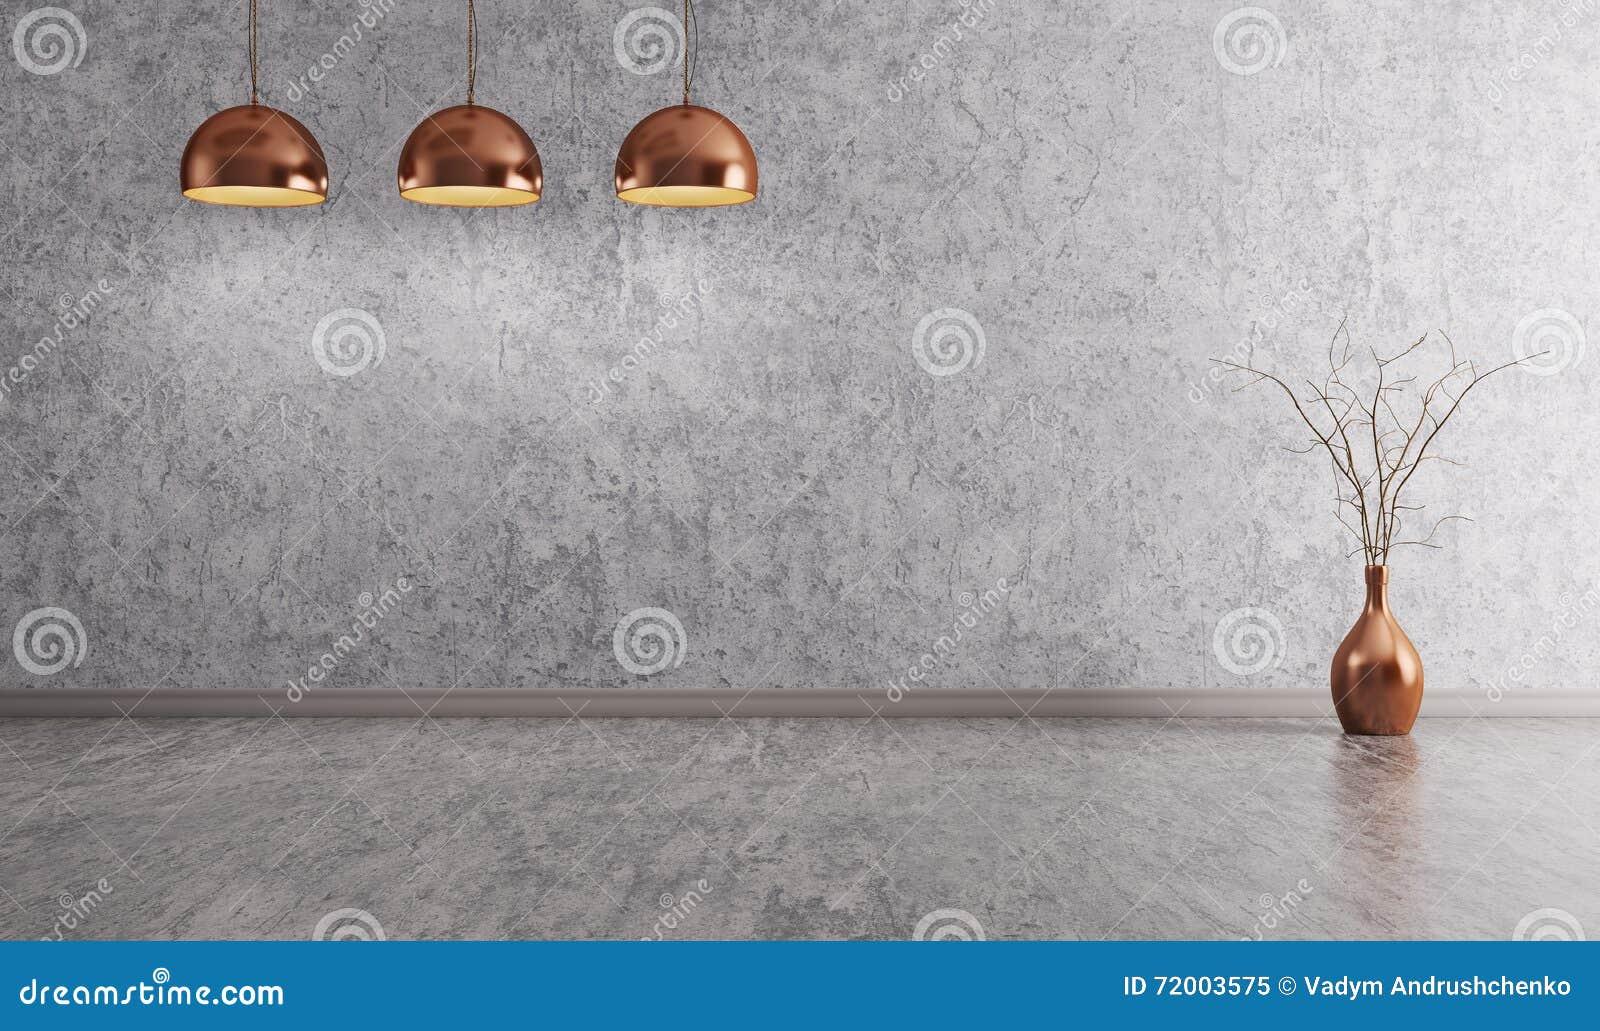 Lámparas de cobre sobre la representación interior del fondo 3d del muro de cemento